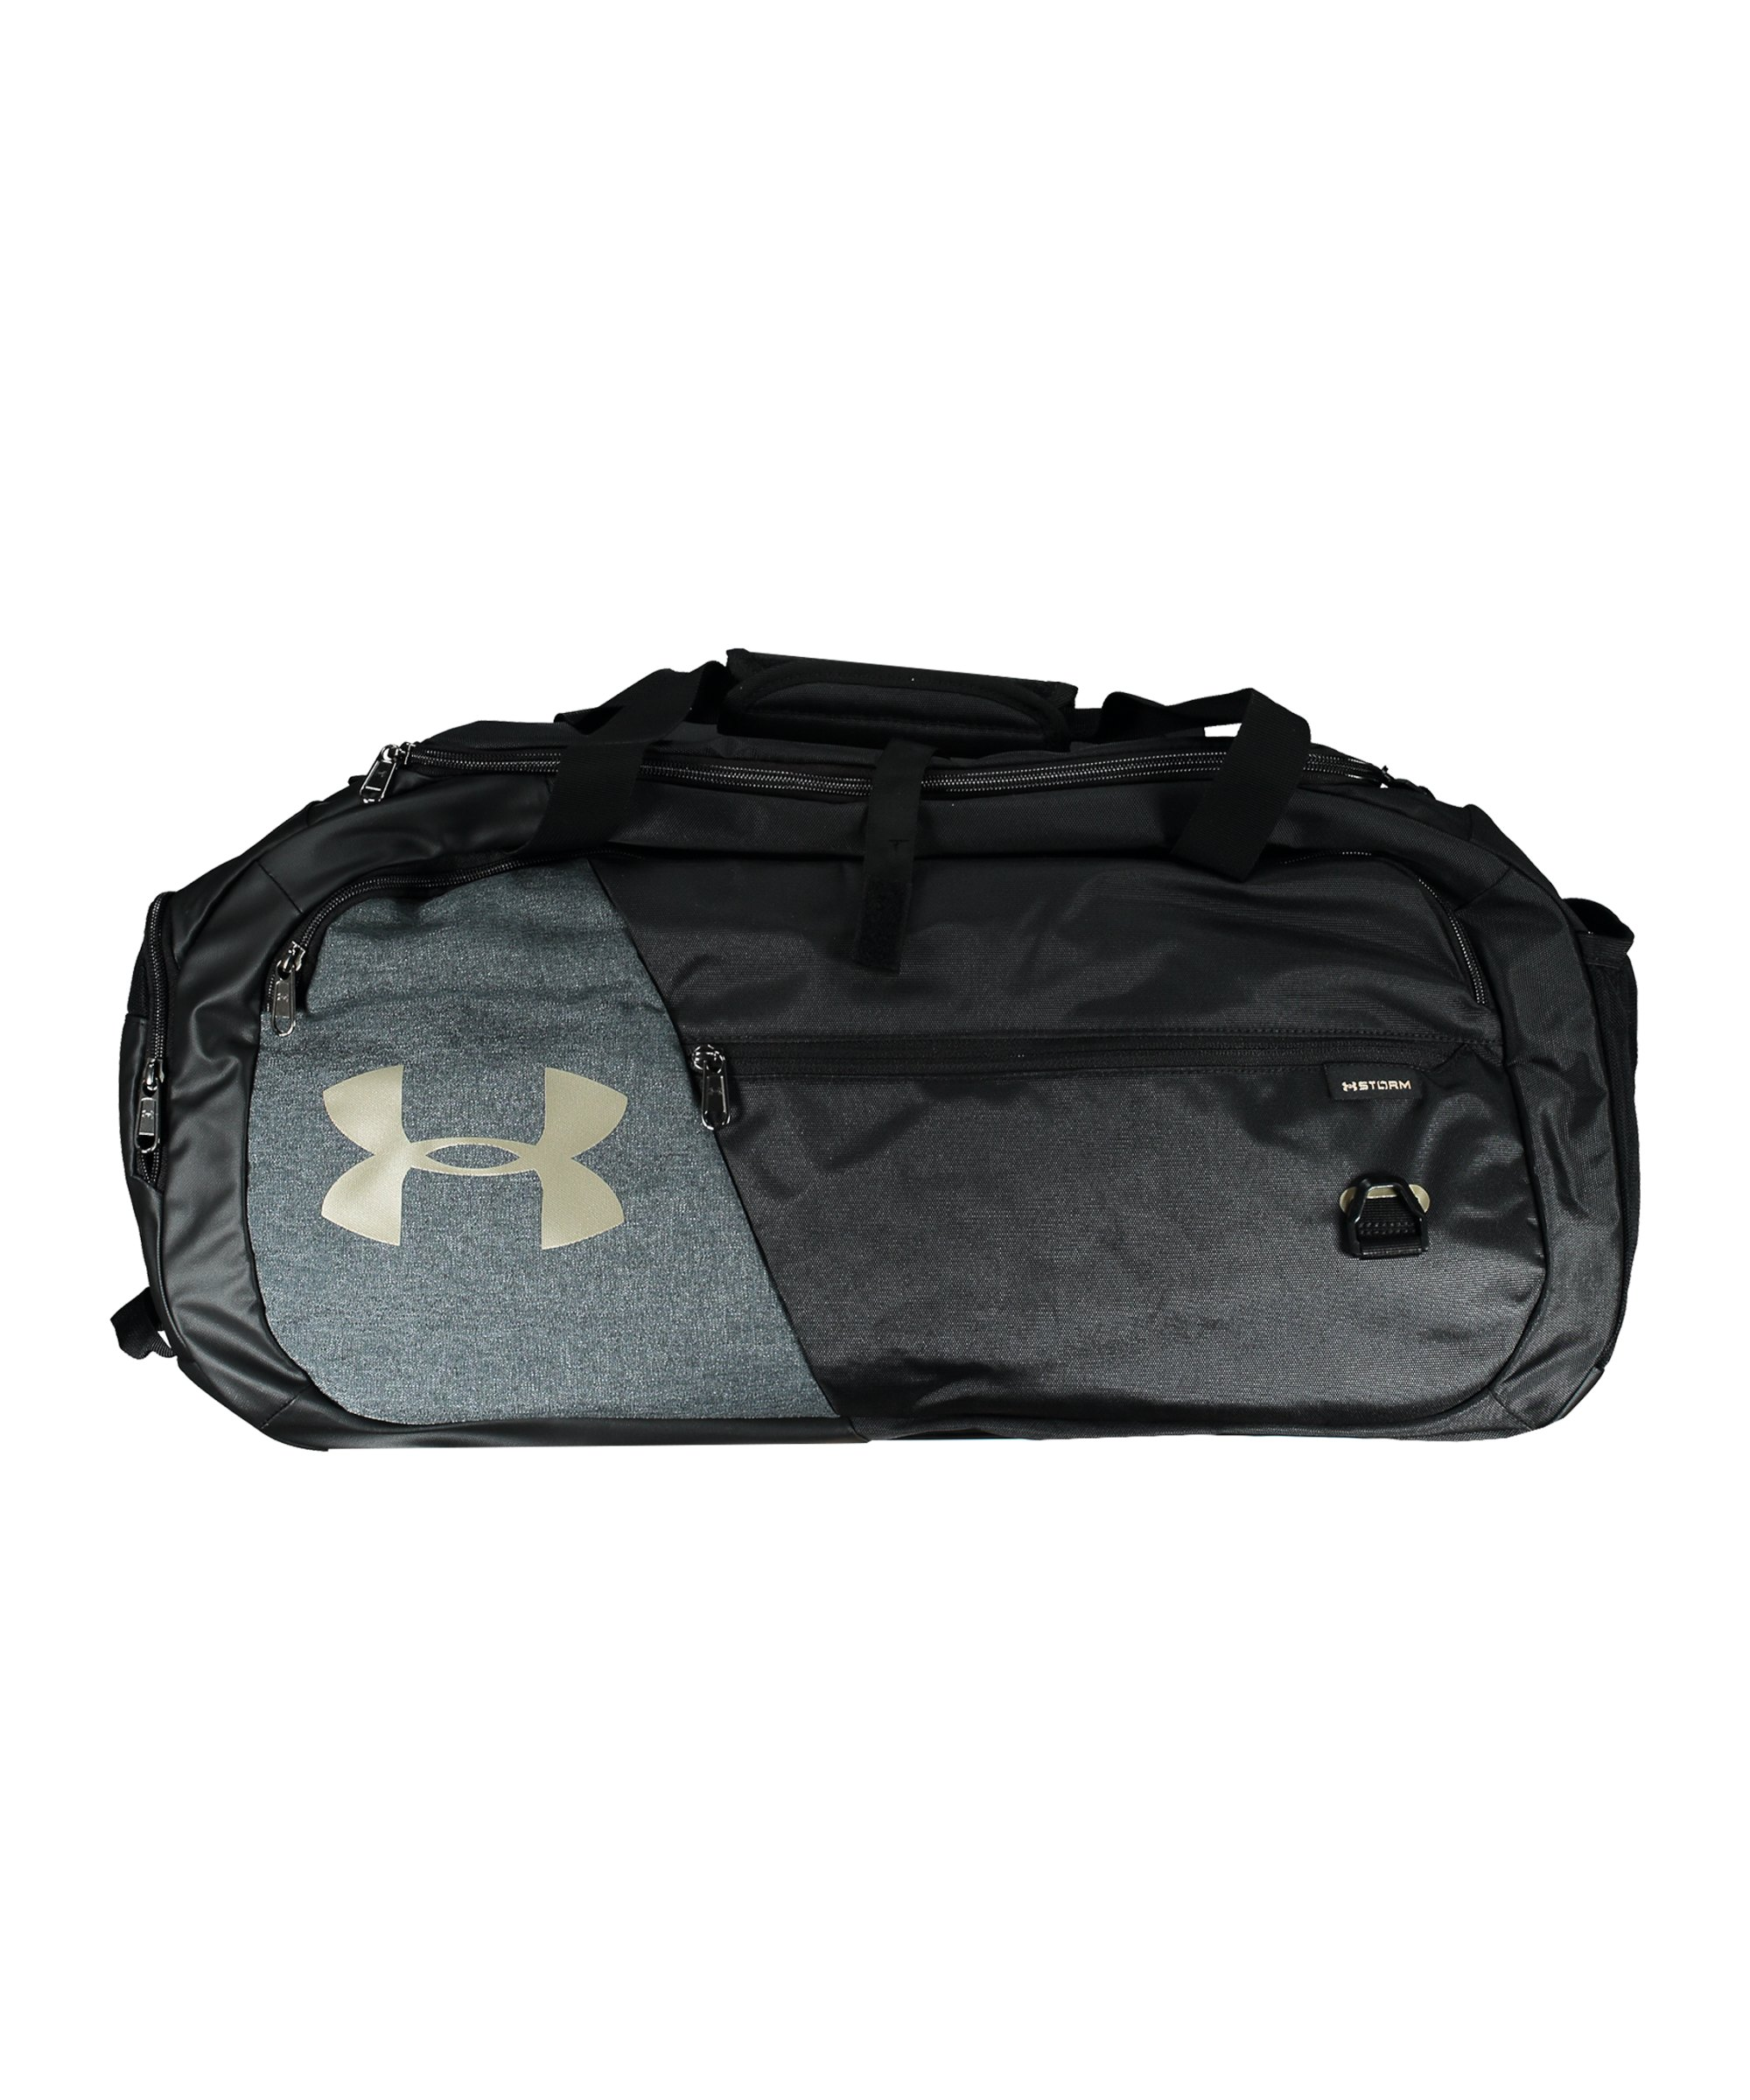 Under Armour Duffle 4.0 Sporttasche M F002 - schwarz